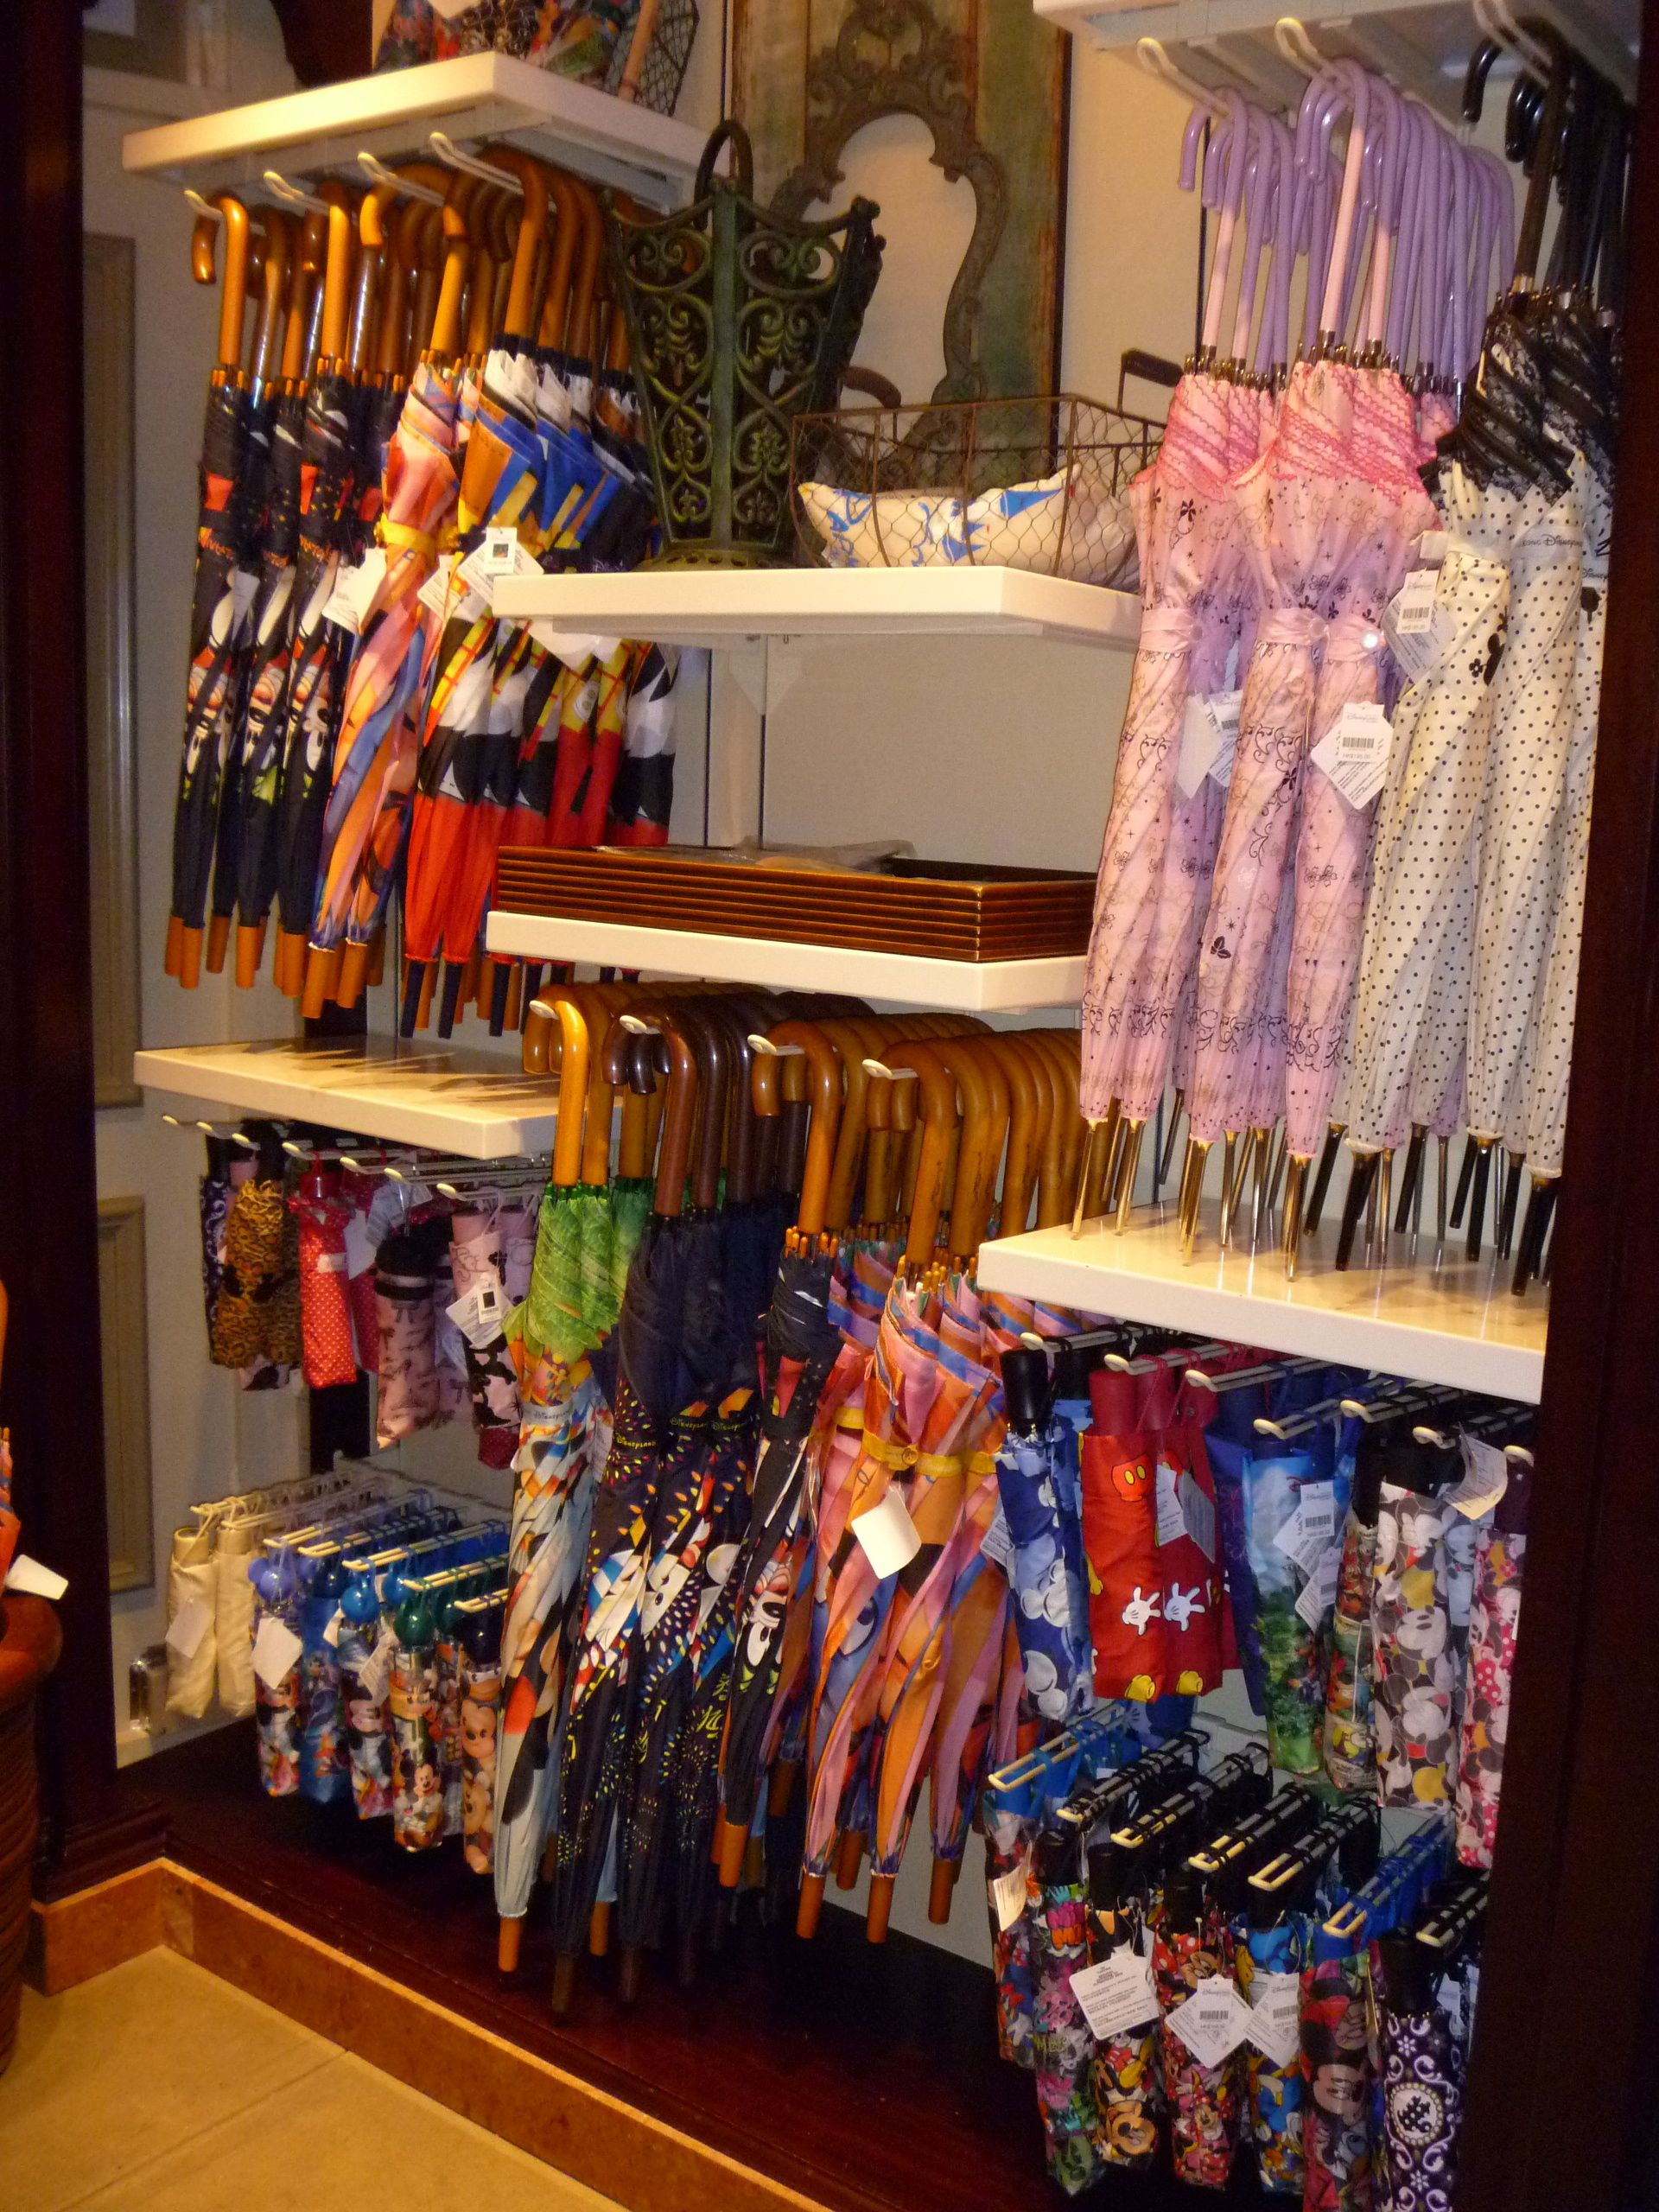 Hong Kong Disneyland Merchandise 14 Weeks Worth Of Socks